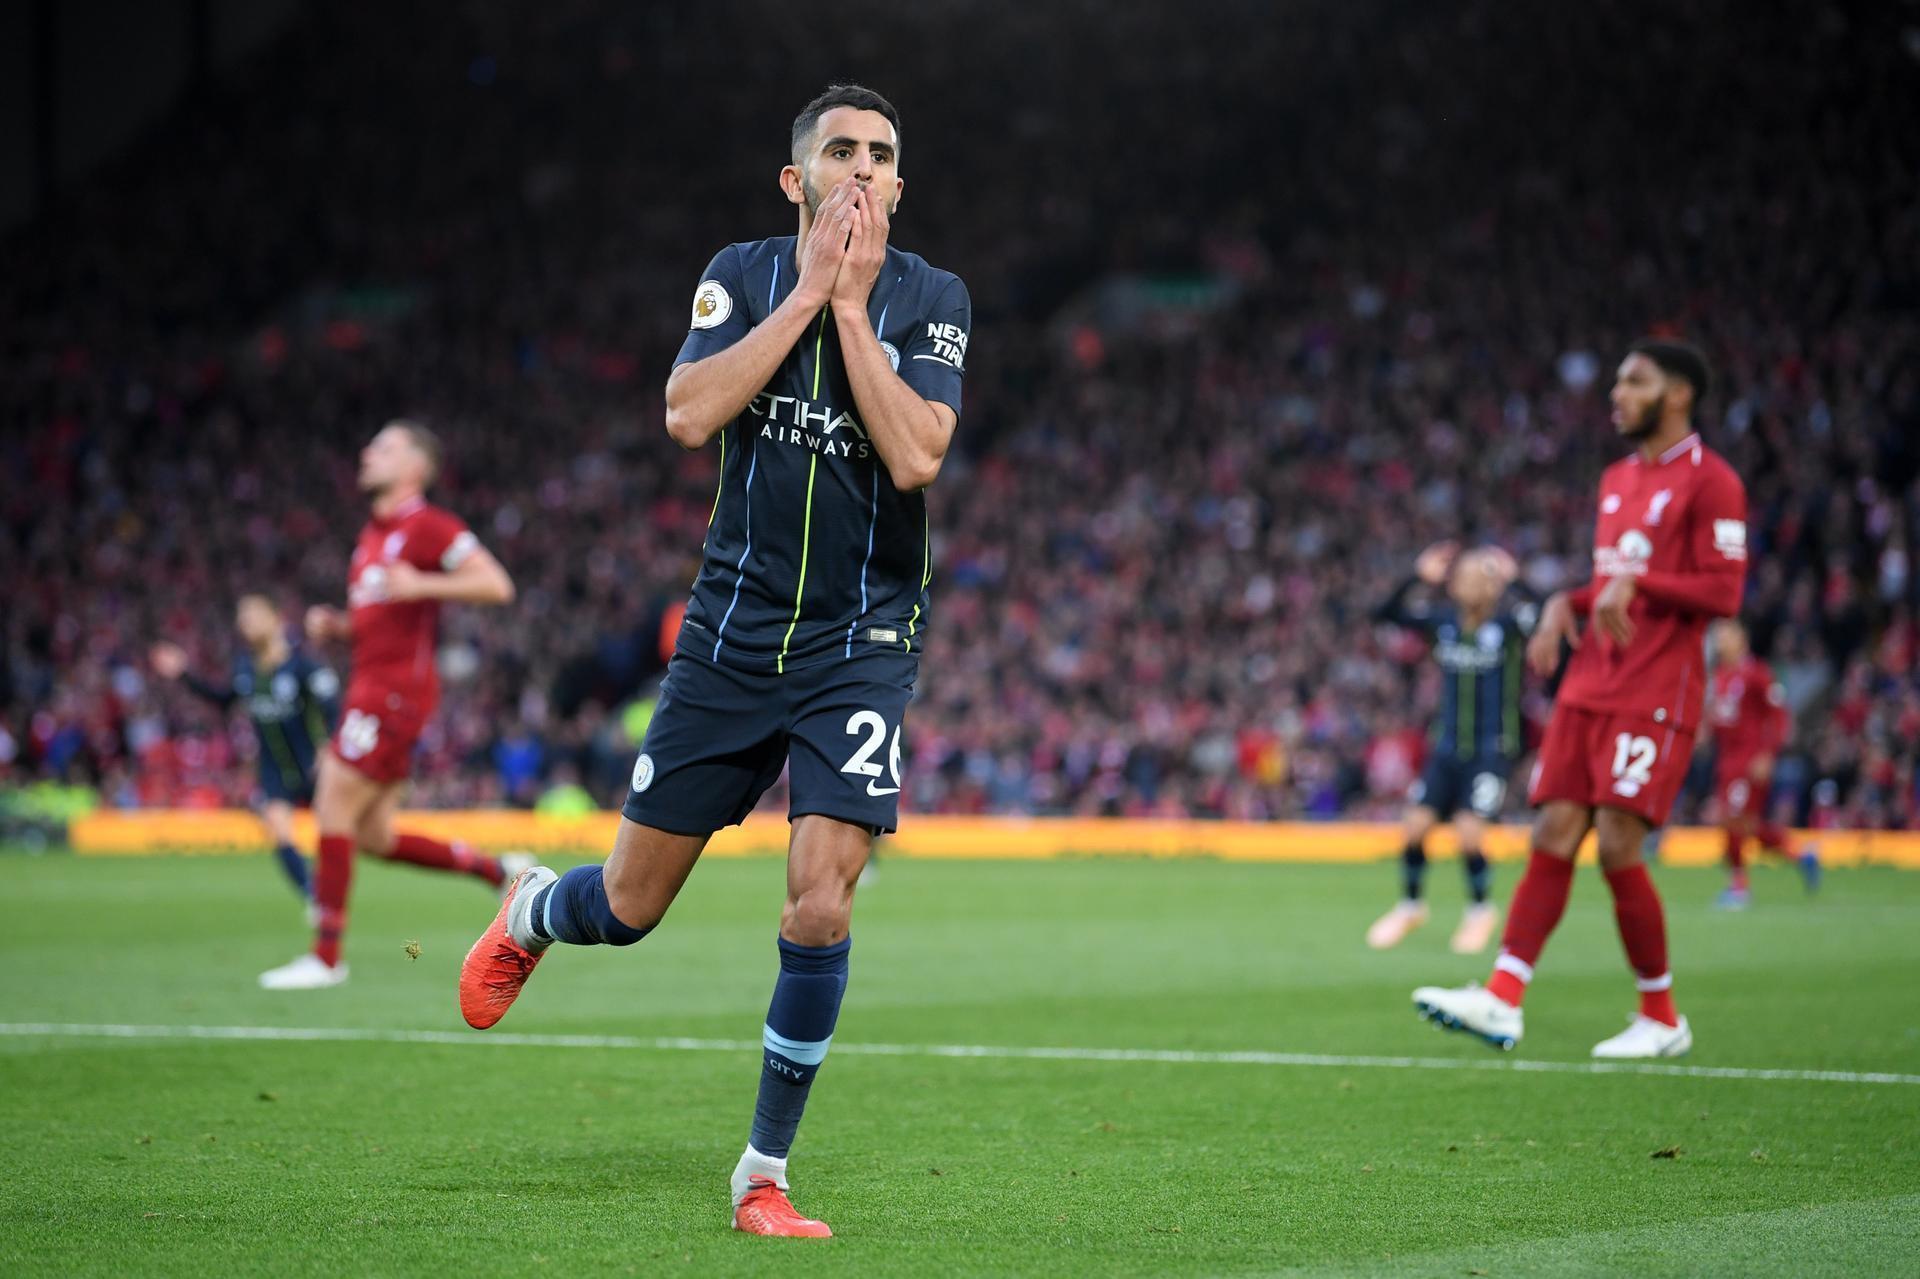 Vì sao Man City có thể phá vỡ kỷ lục điểm số tại giải Ngoại hạng Anh từng lập mùa trước? - Ảnh 4.